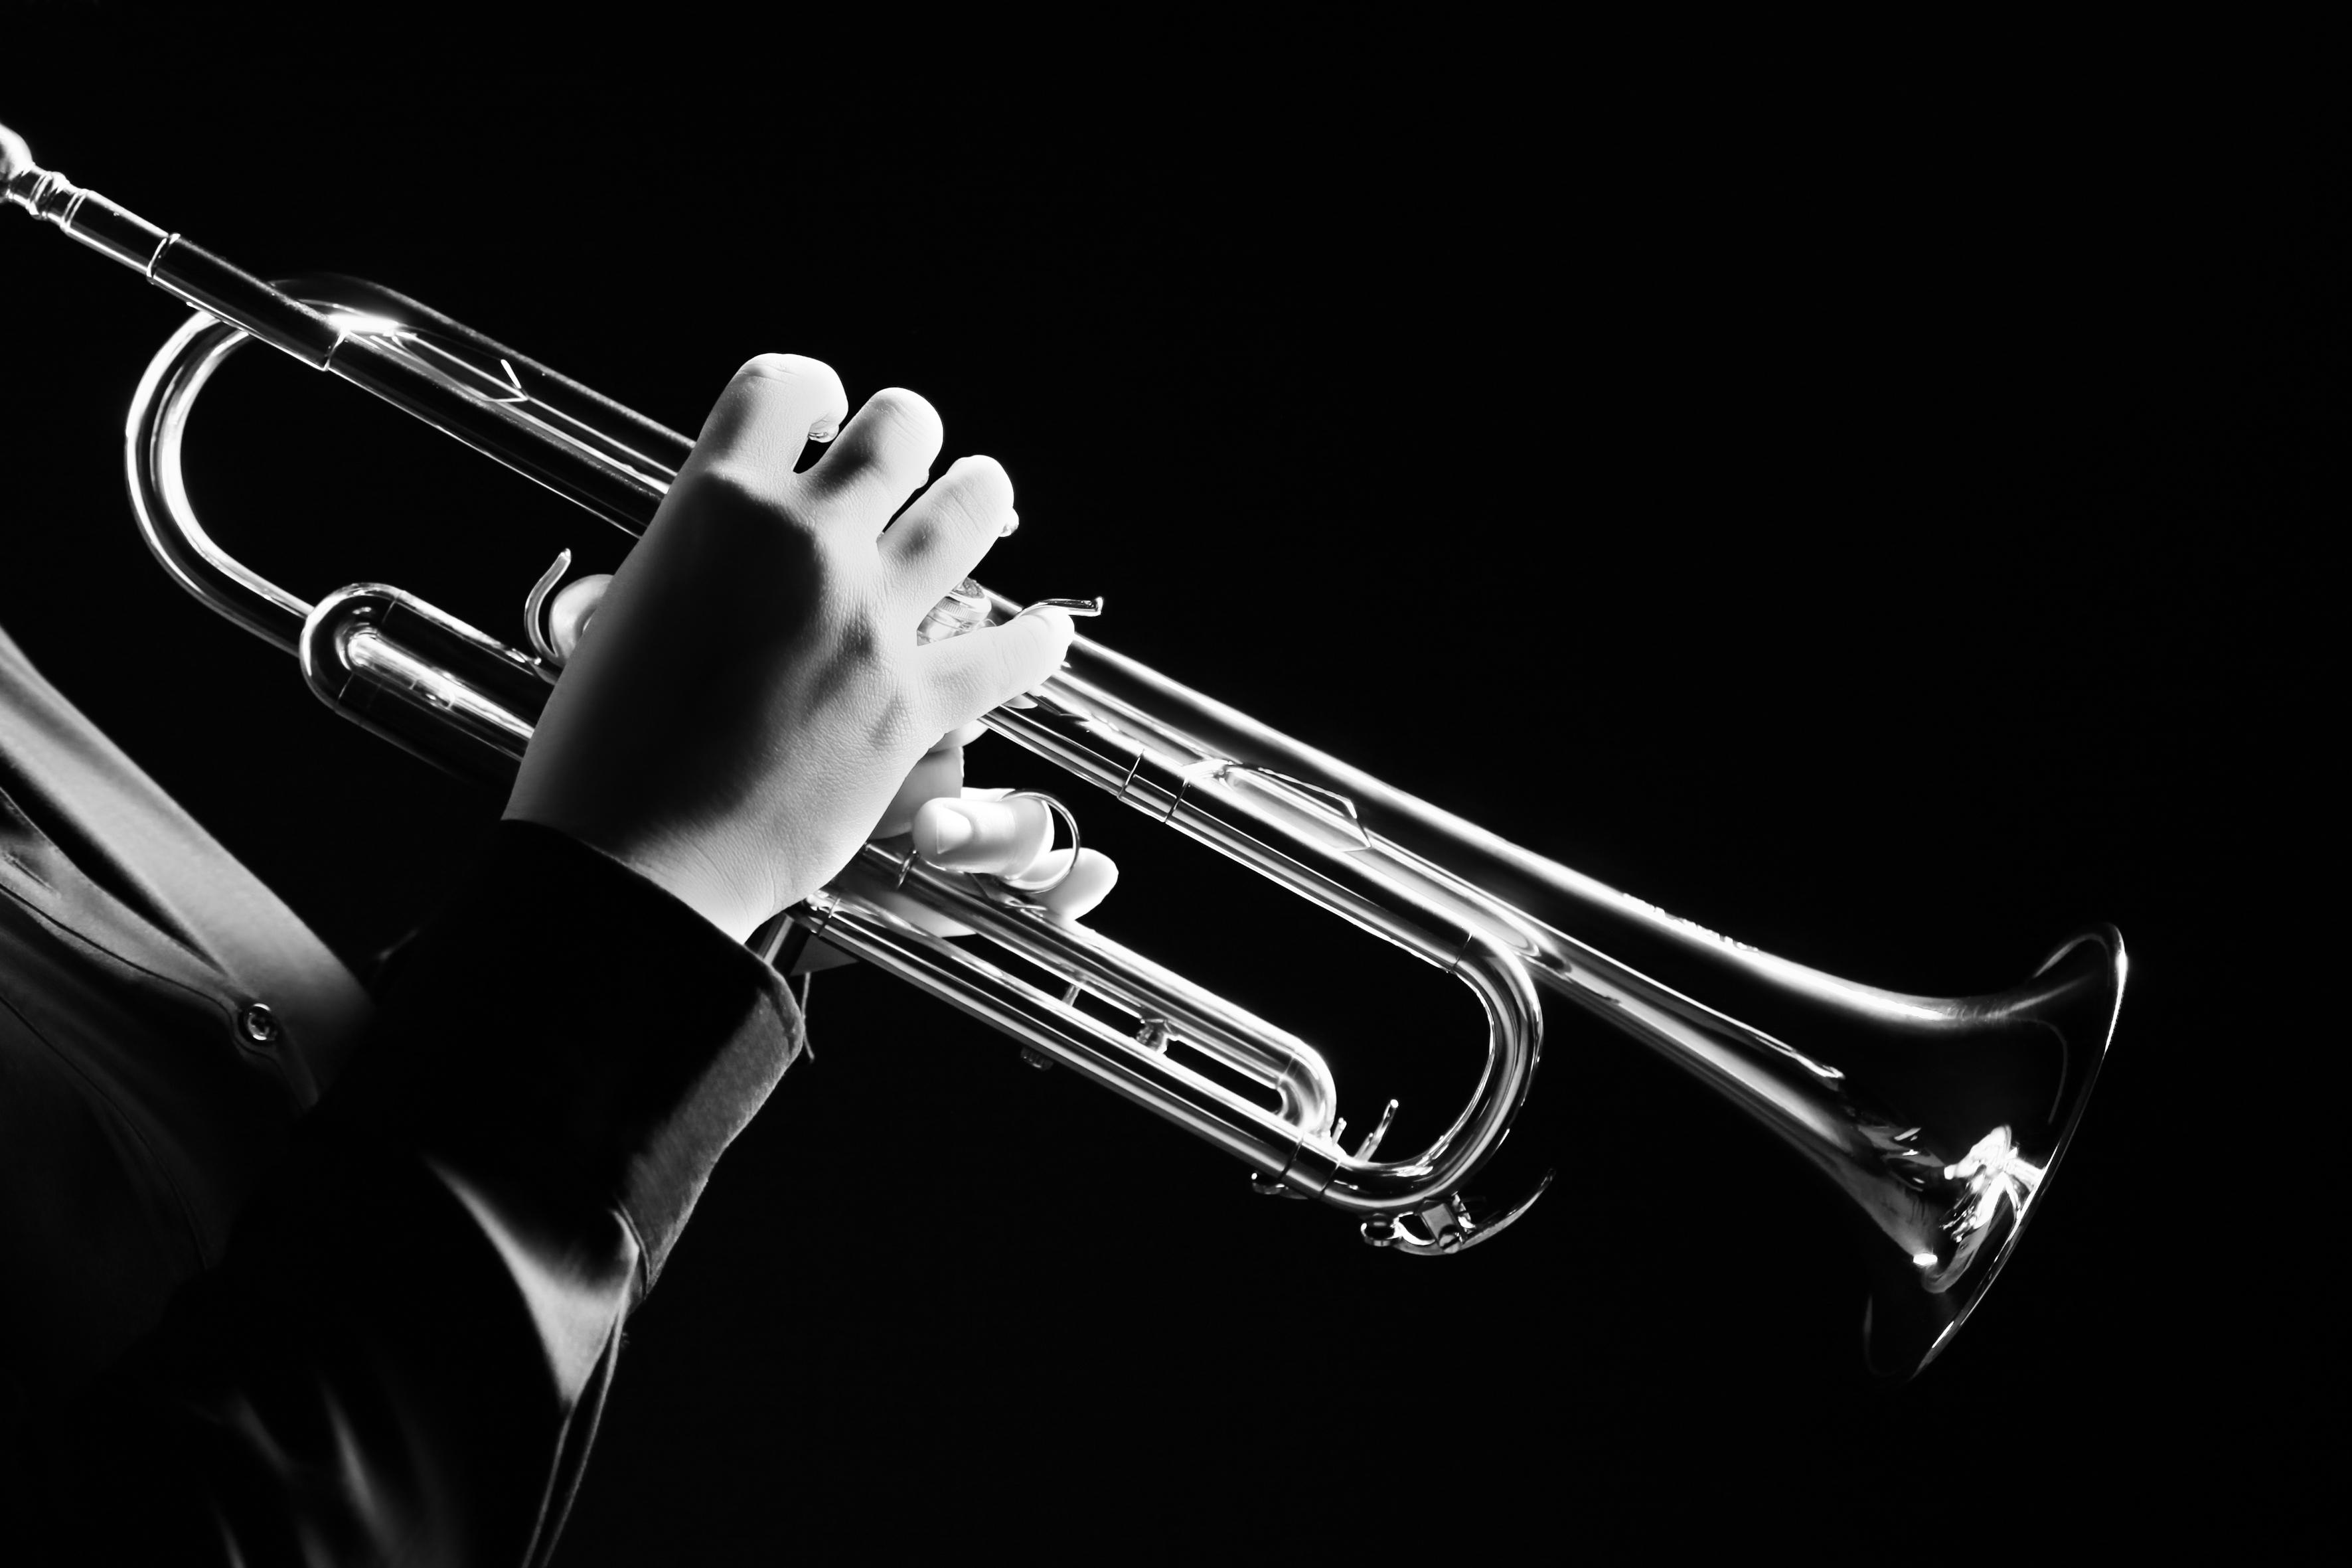 Trumpet player.jpg Trumpeter playing music jazz instrument.jpg Brass orchestra instrument